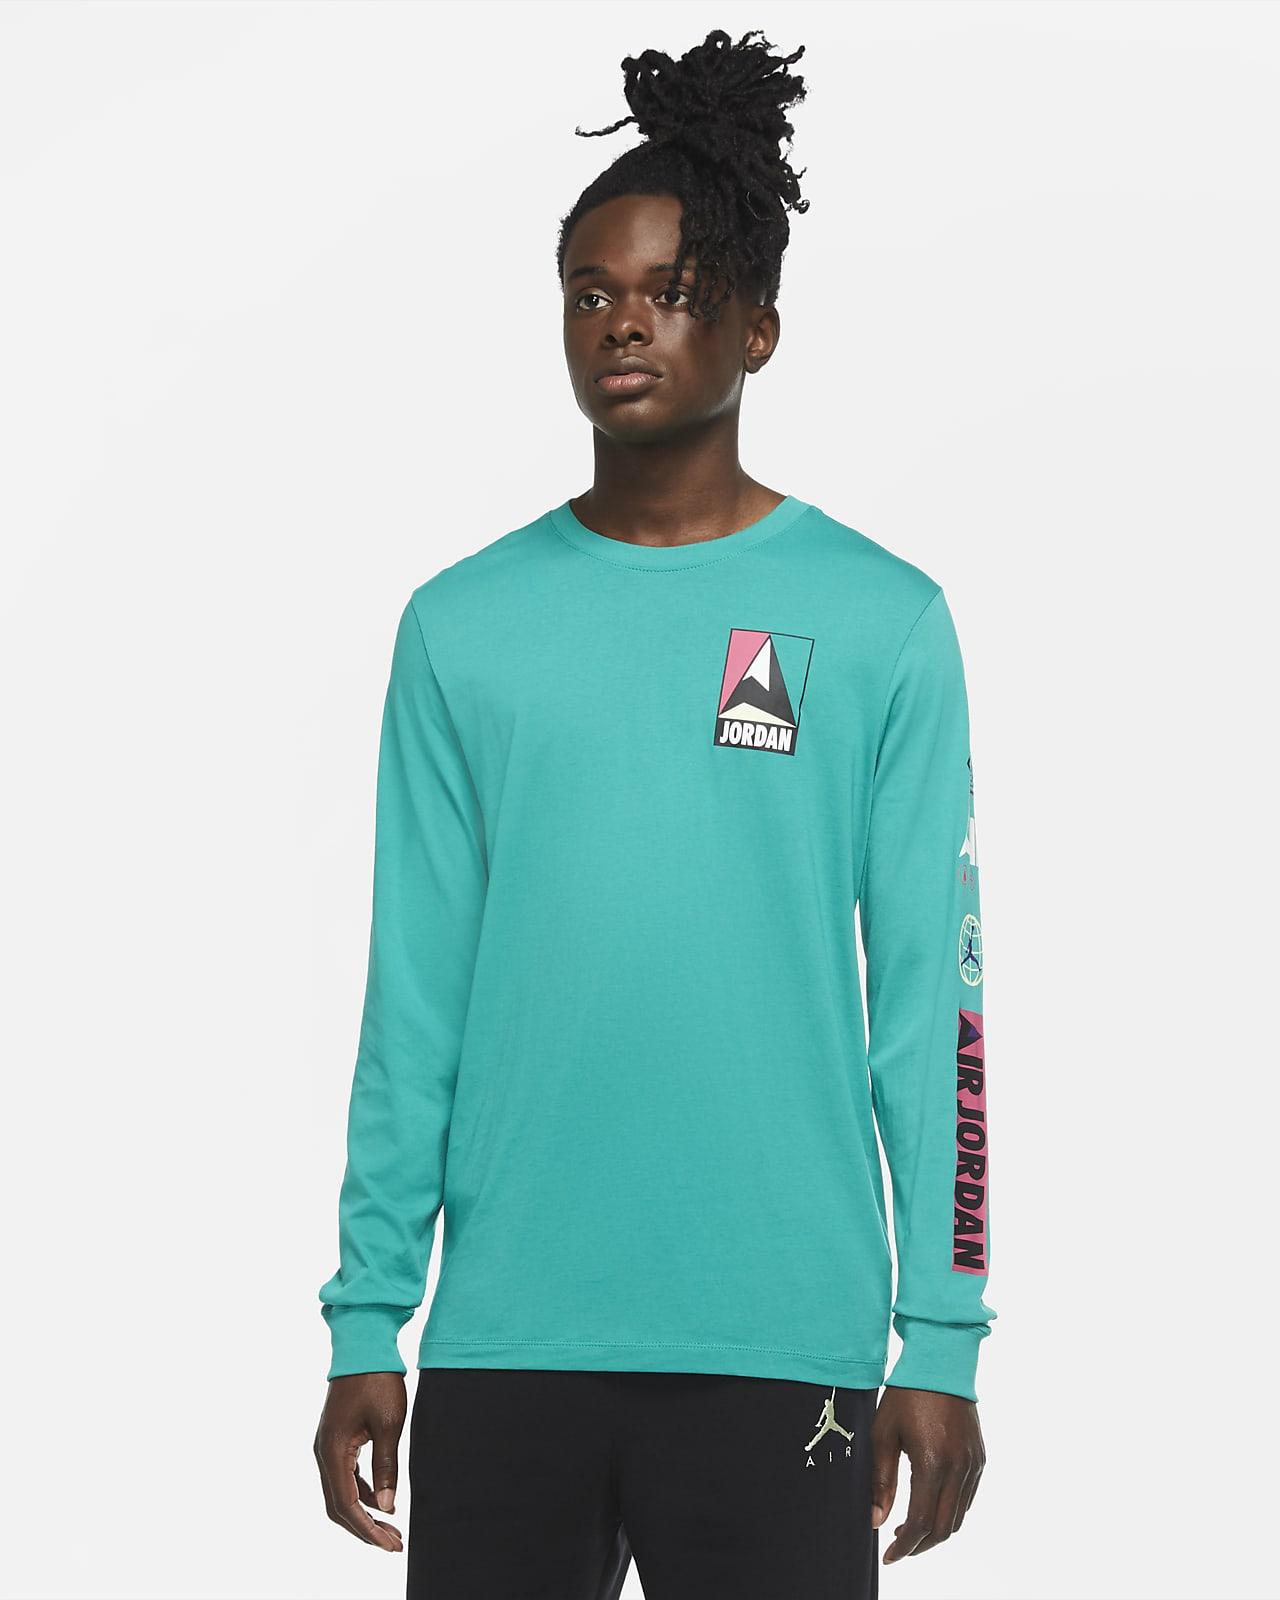 Jordan Winter Utility T-shirt met lange mouwen voor heren